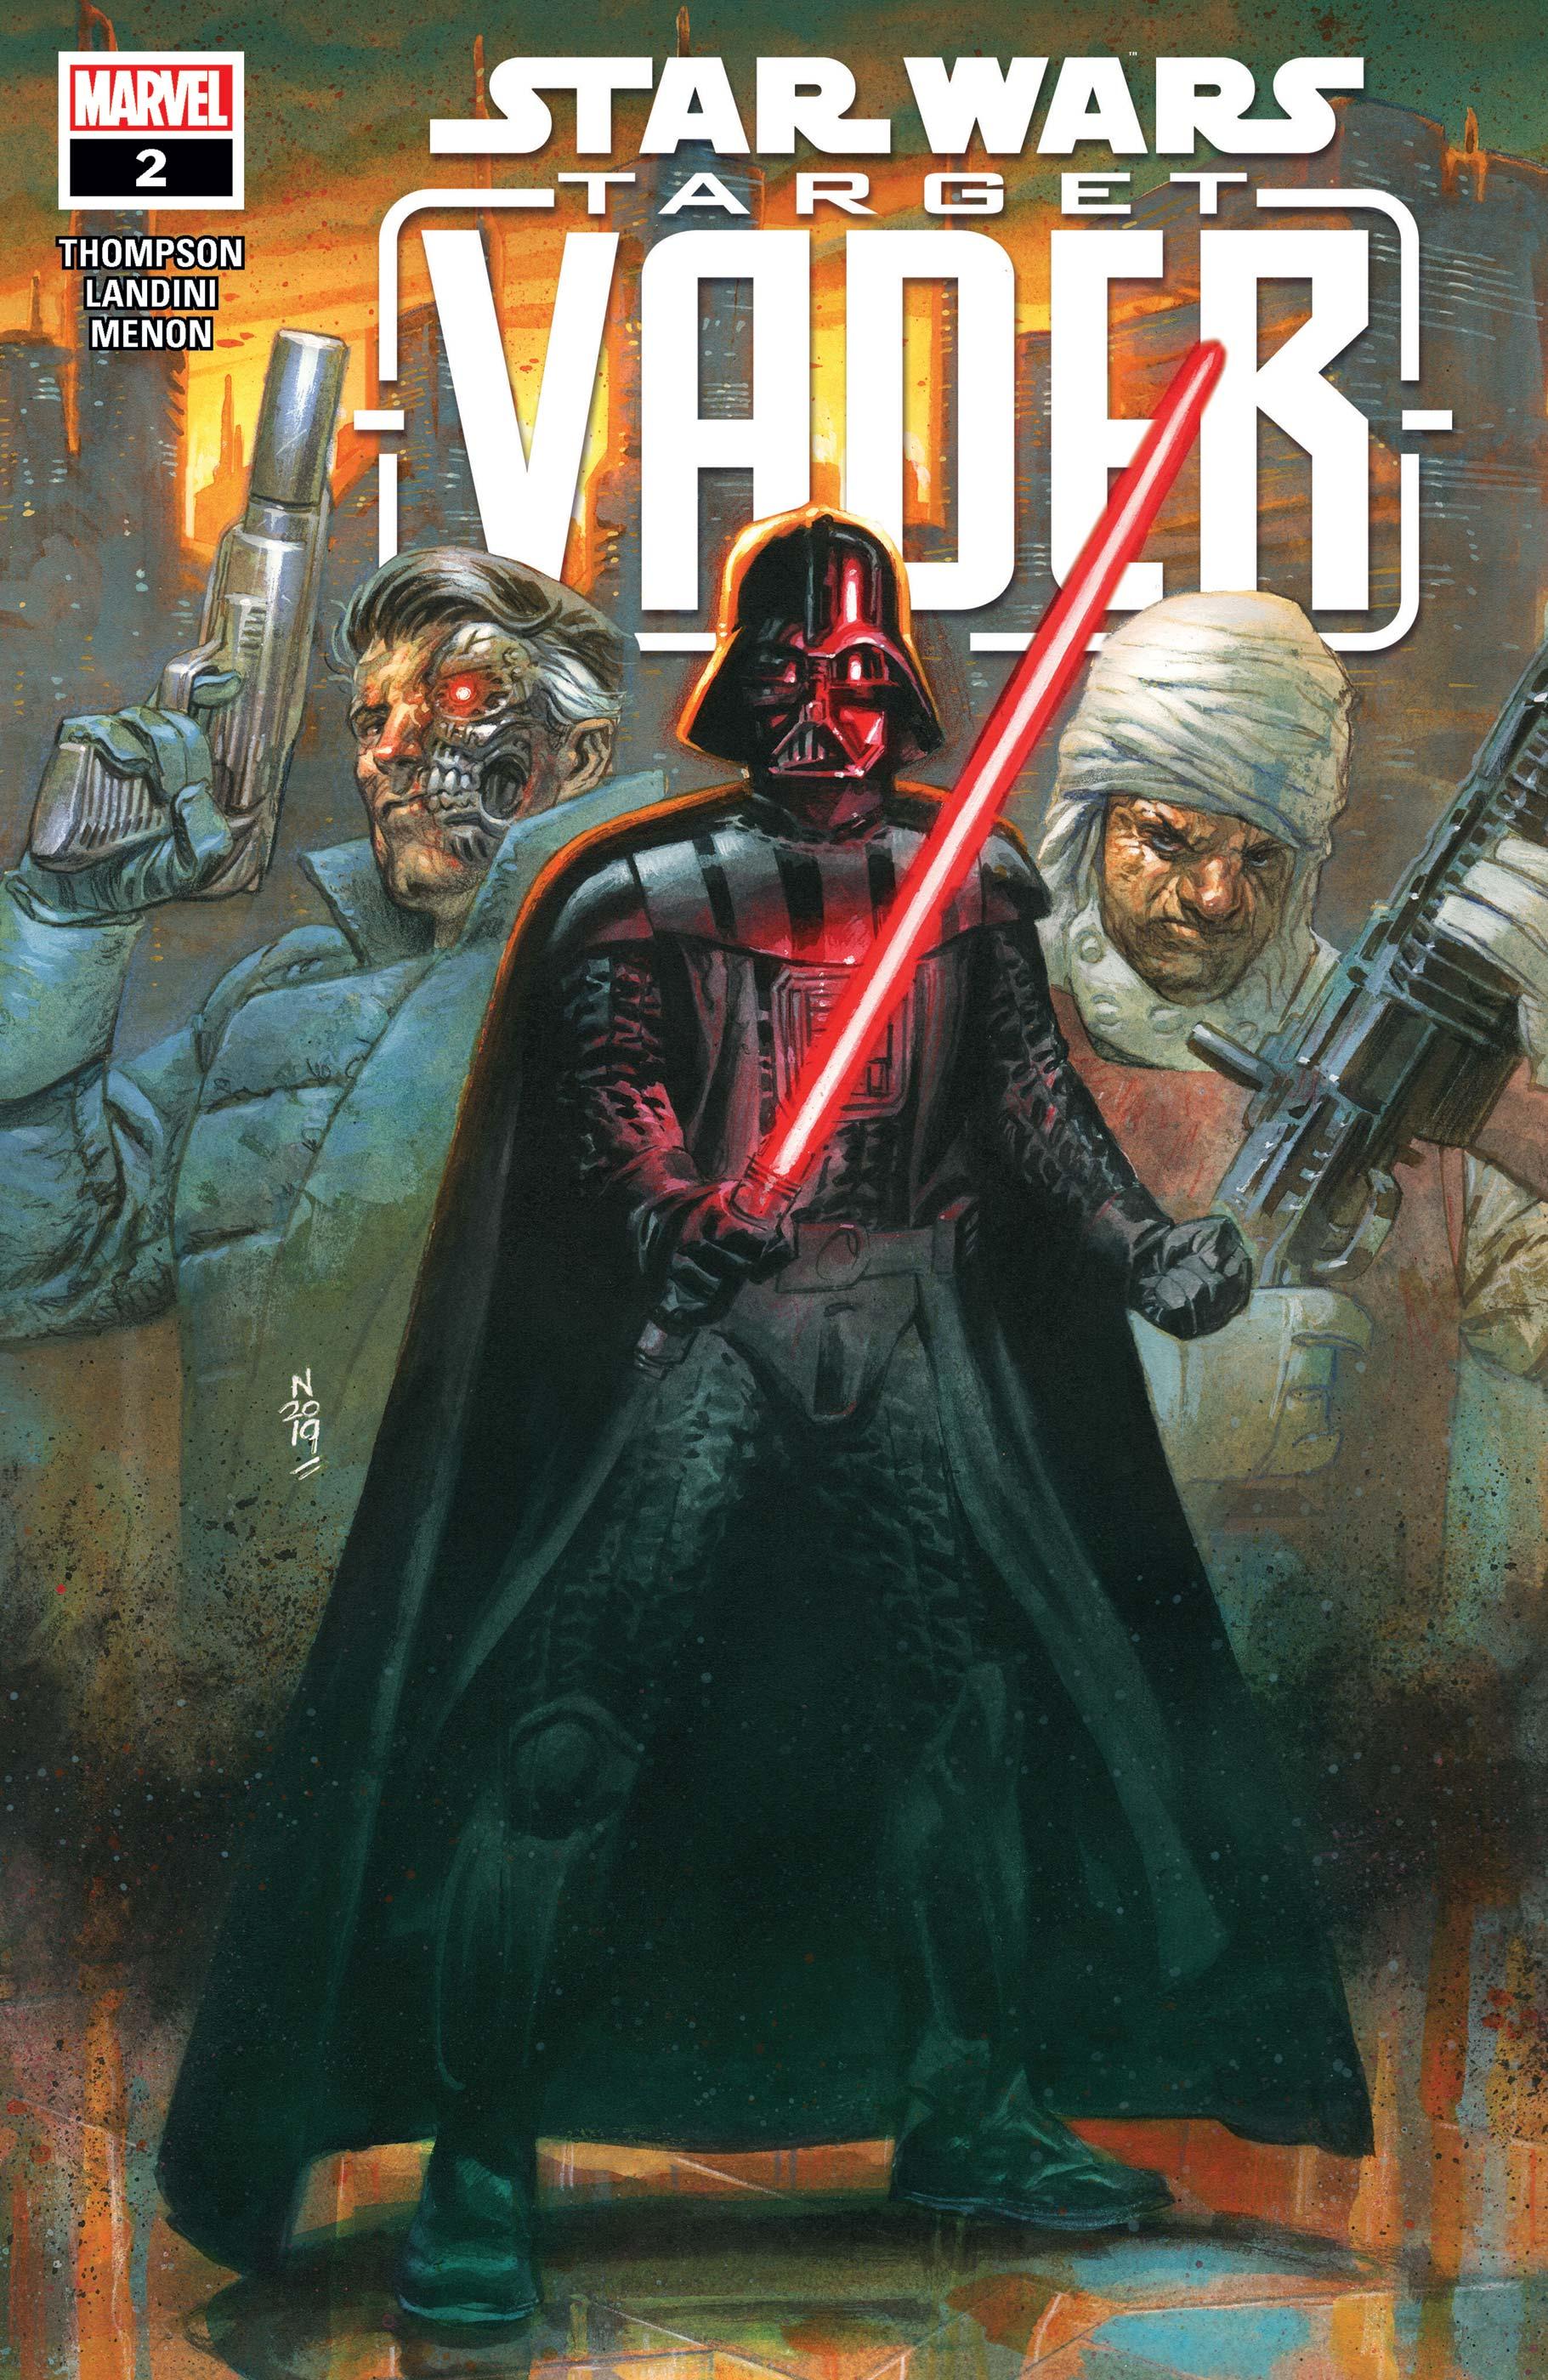 Star Wars: Target Vader (2019) #2